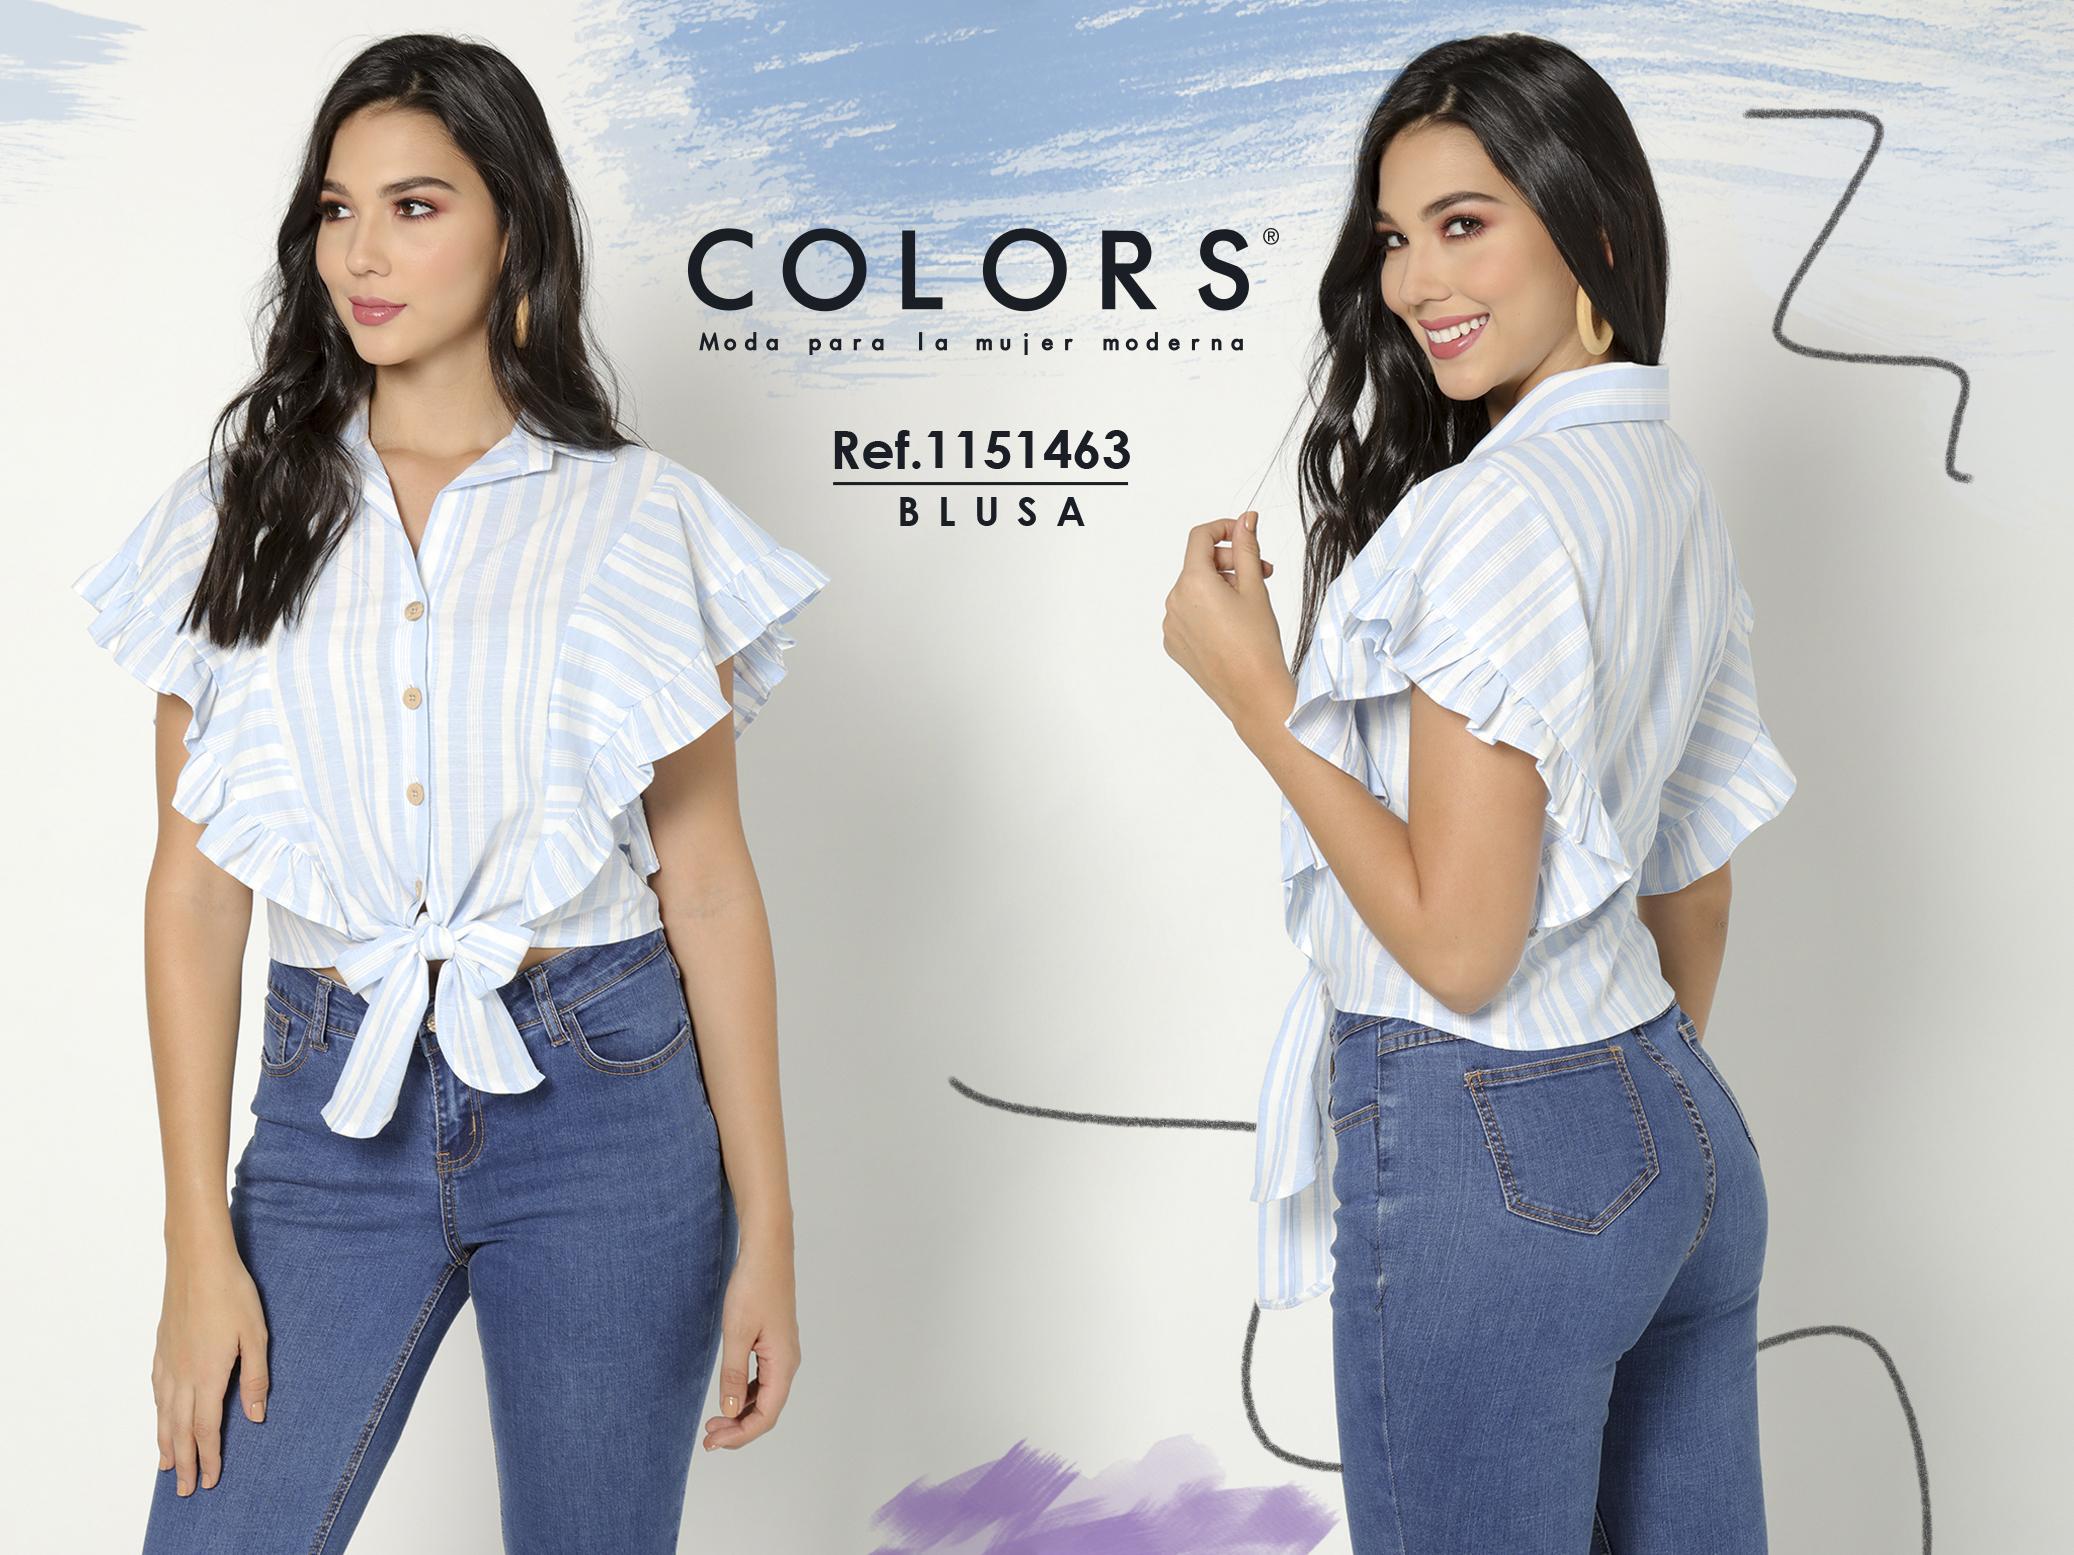 Hermosa Blusa Para Dama con Mangas cortas y Botones Frontales, Color Azul Claro con Franjas blancas, decorado de boleros y moño adelante